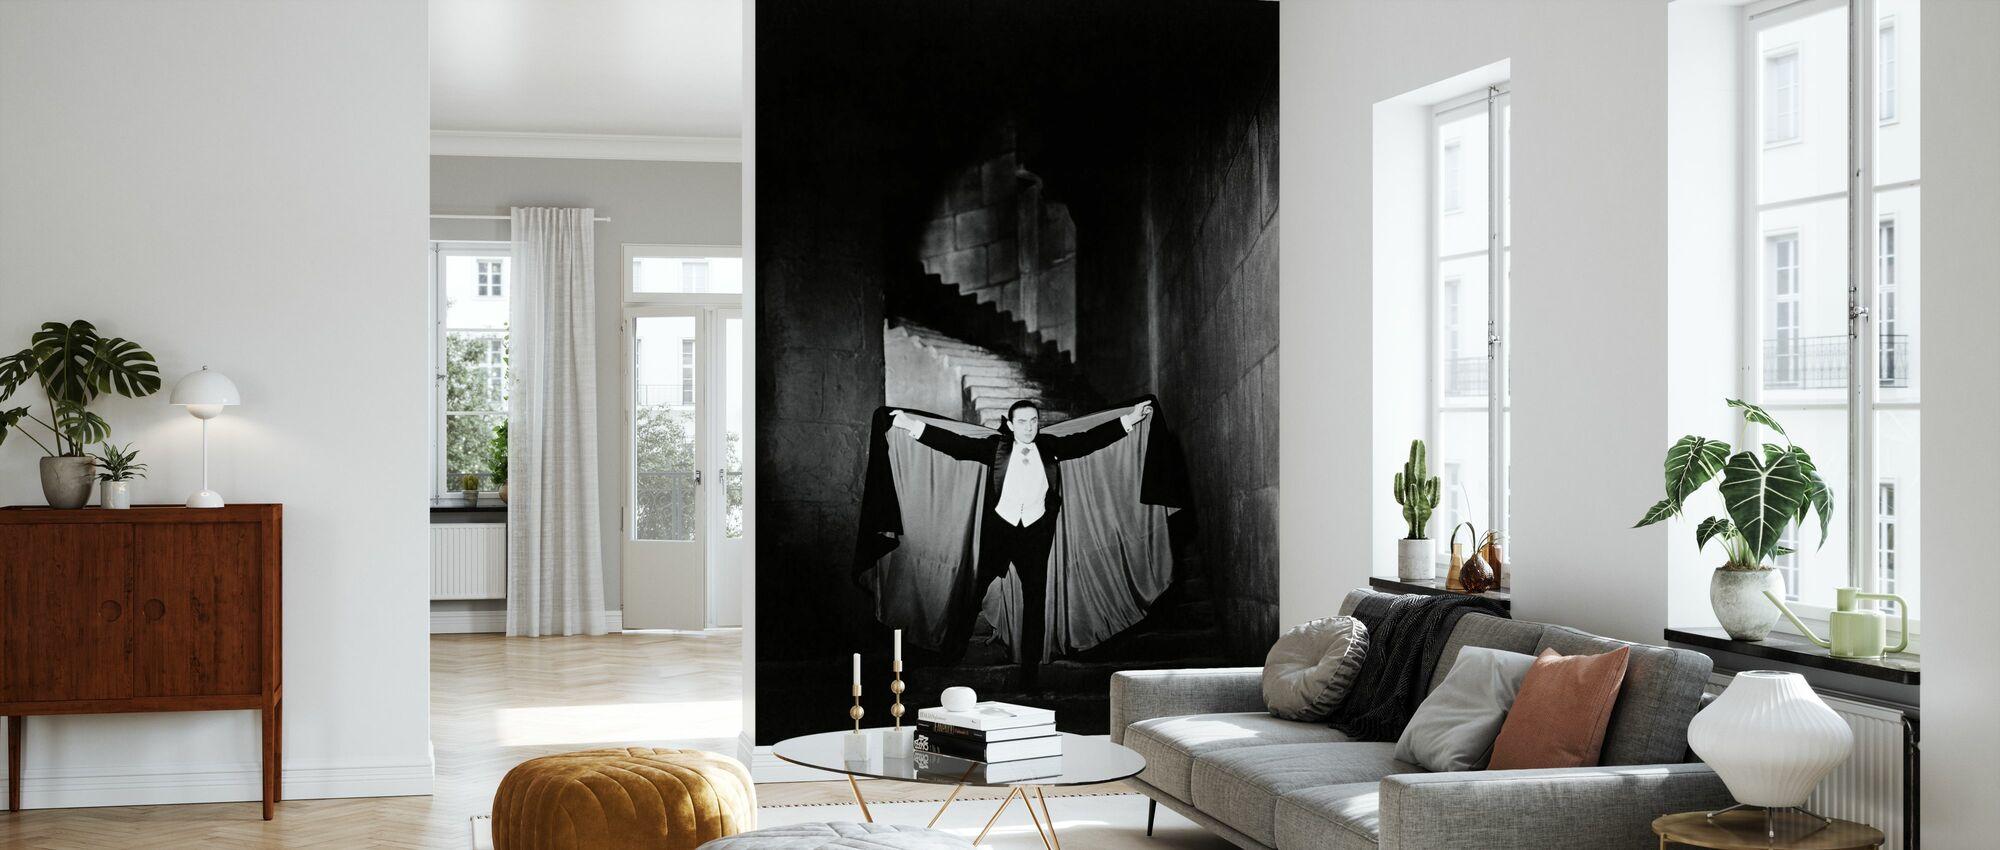 Bela Lugosi in Dracula - Wallpaper - Living Room